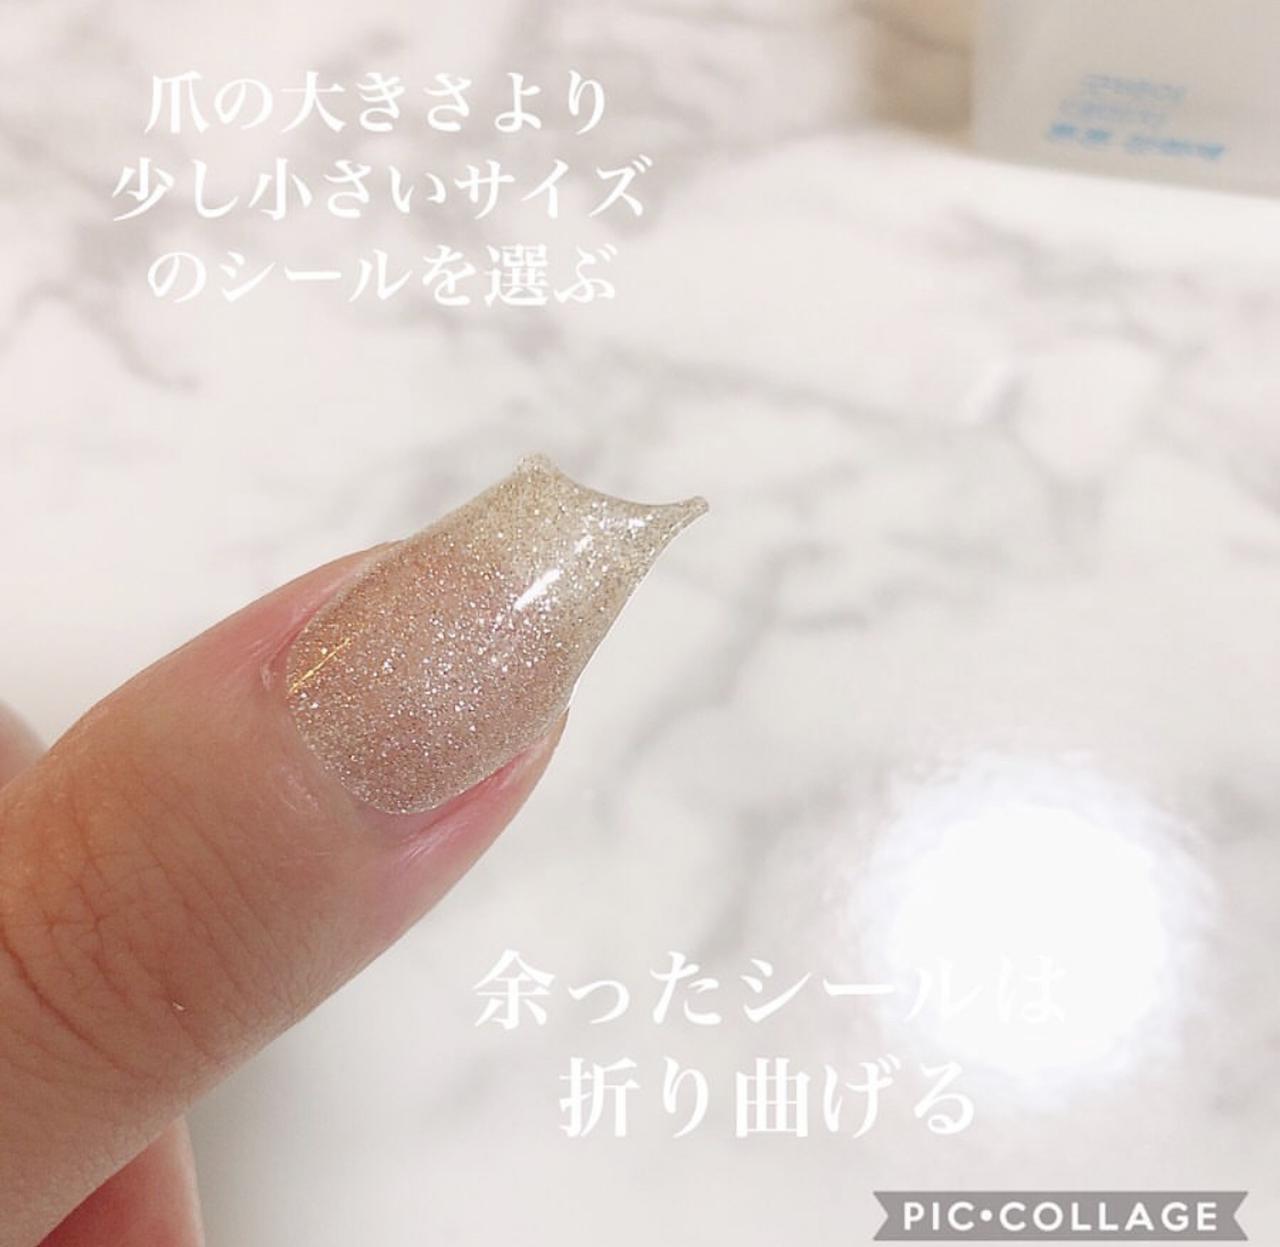 画像5: もう通う時代は古い?!韓国からやってきたお家で簡単にできる本格的ジェルネイルシール♥簡単に剥せるから普段ネイルが出来ない人も特別な日に爪から可愛く♥